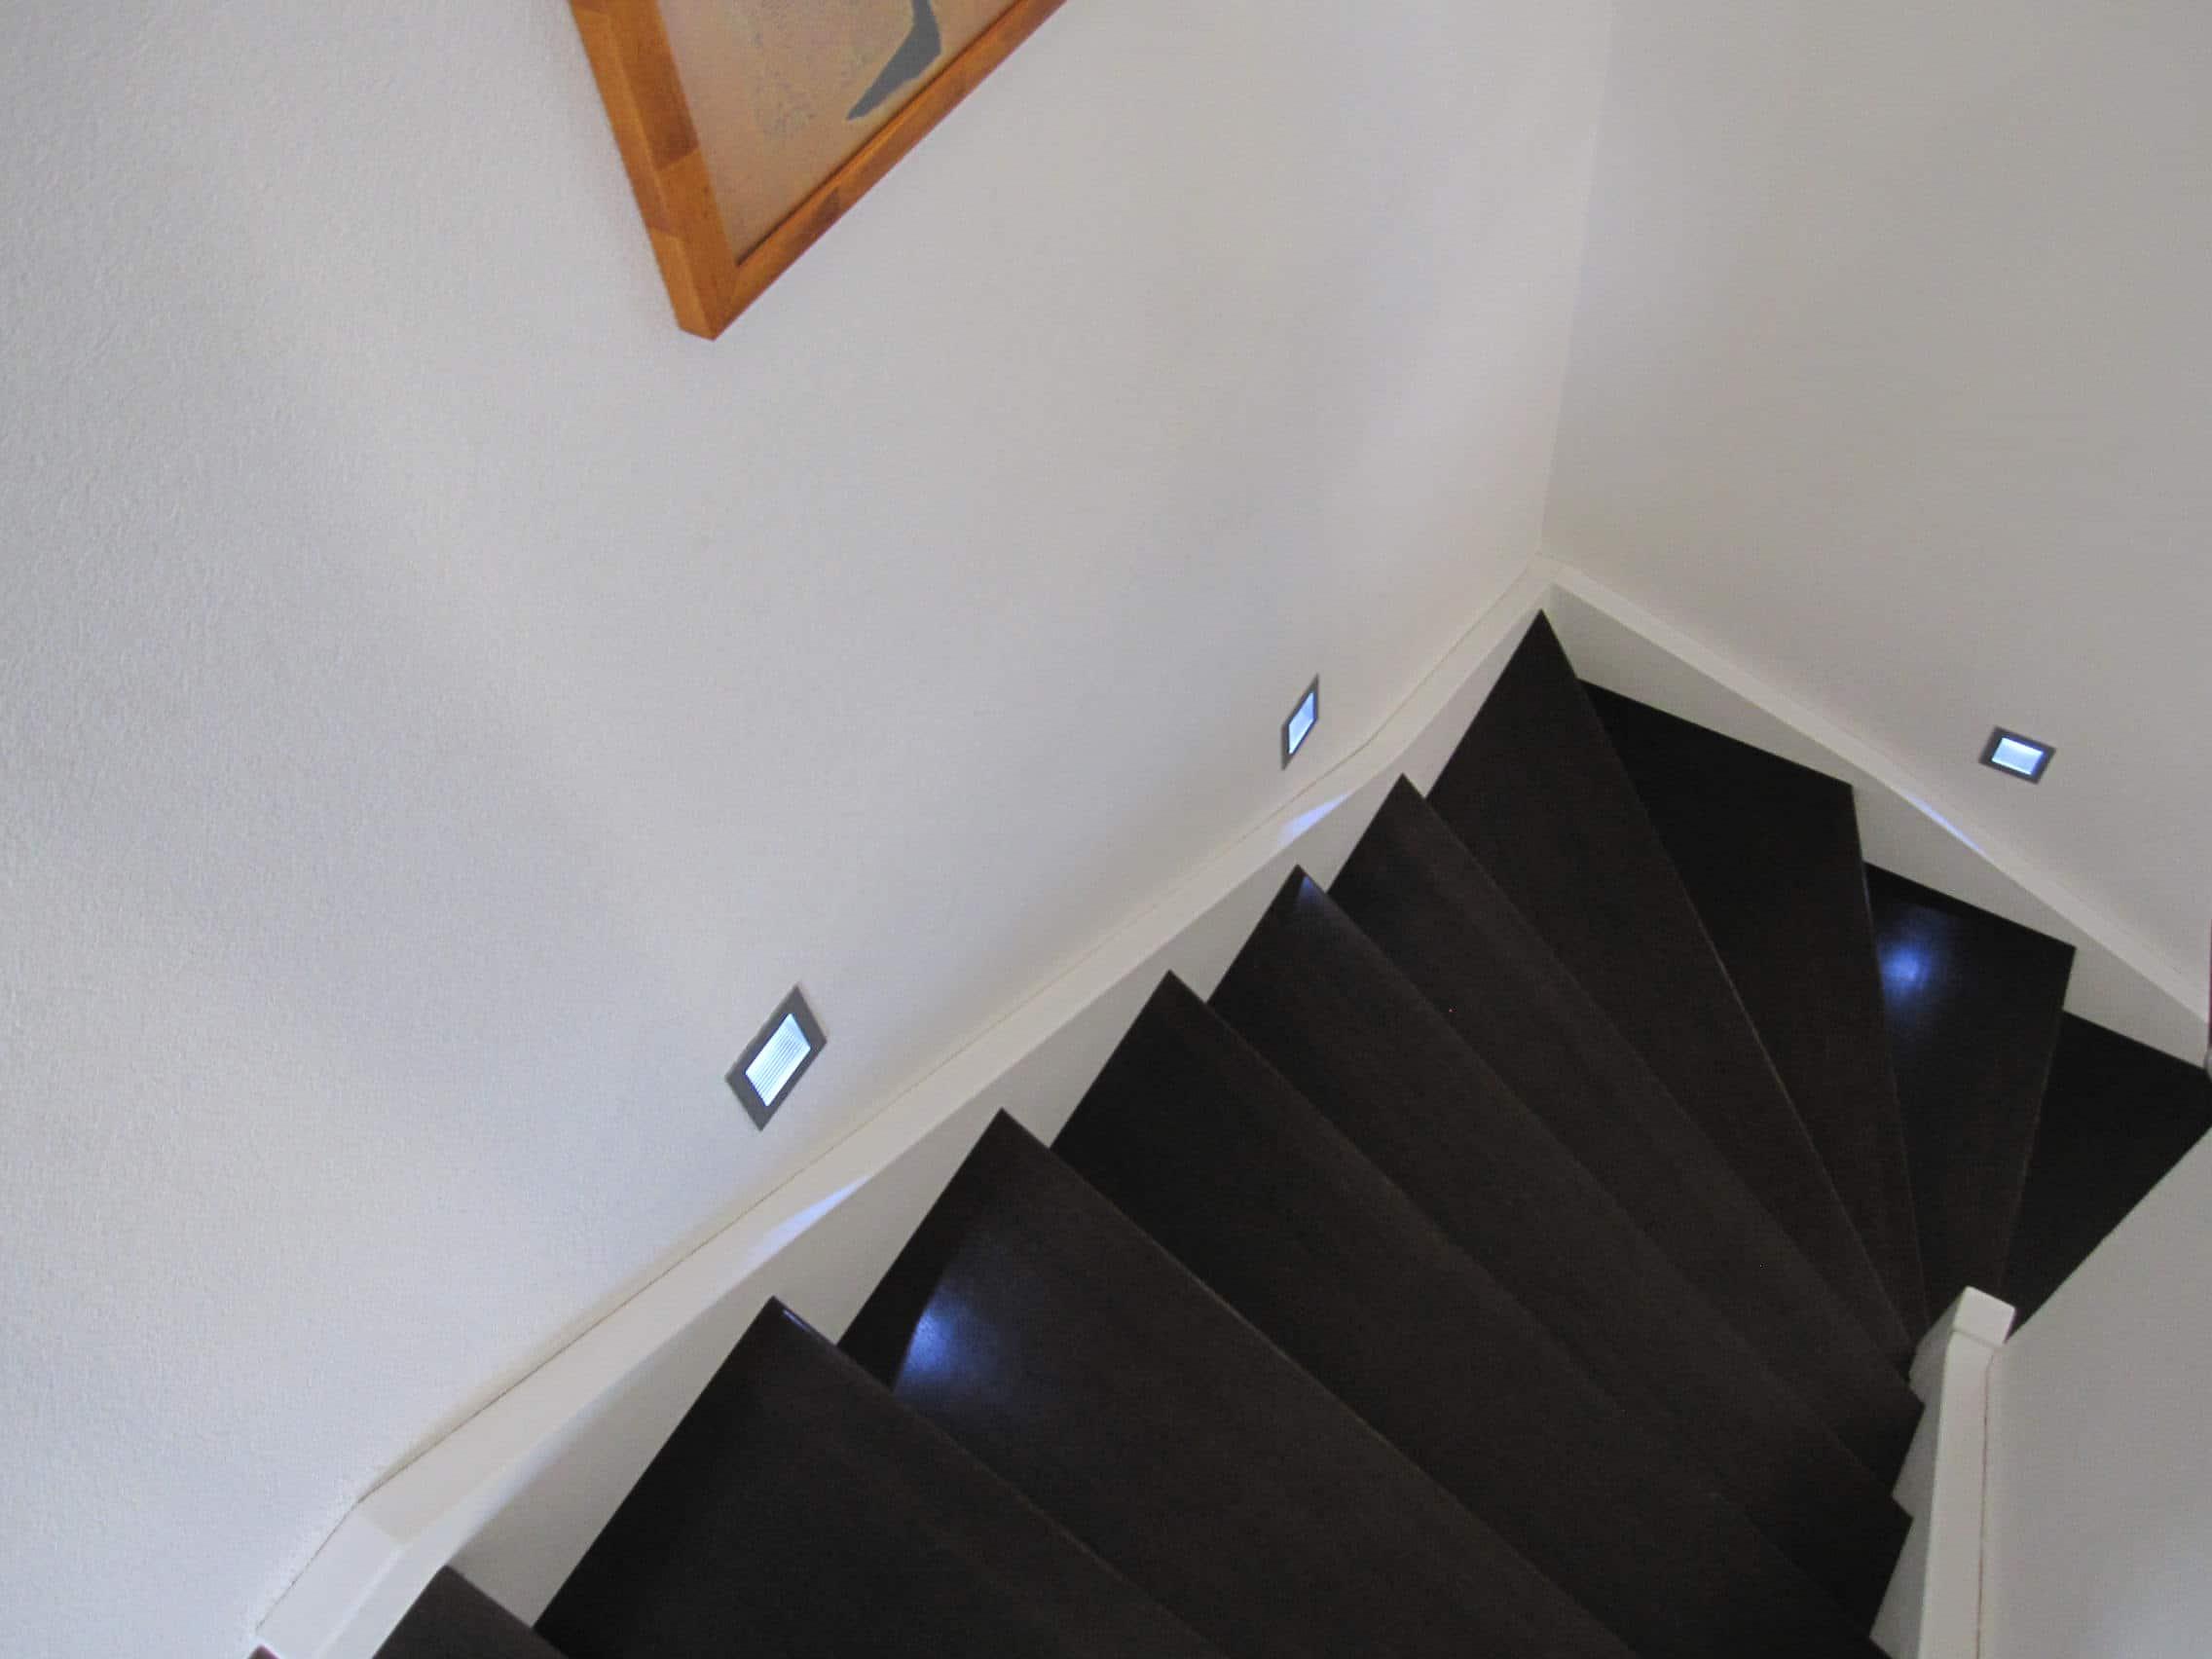 Wandleuchte treppe die sch nsten ideen f r deine treppenbeleuchtung - Wandleuchte treppenaufgang ...